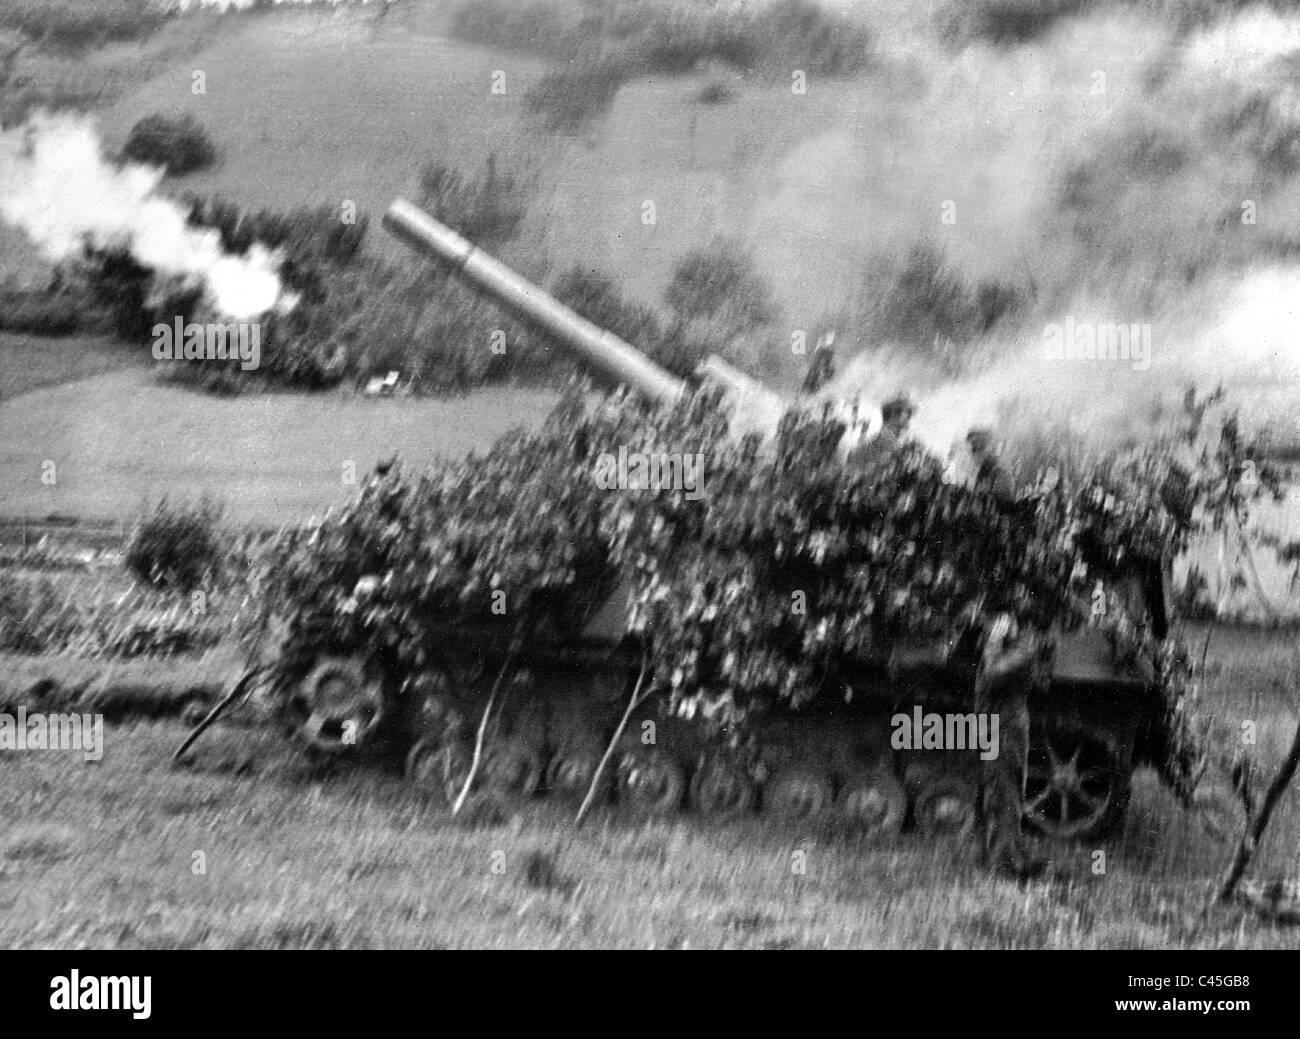 German self-propelled gun 'Hummel', 1944 - Stock Image